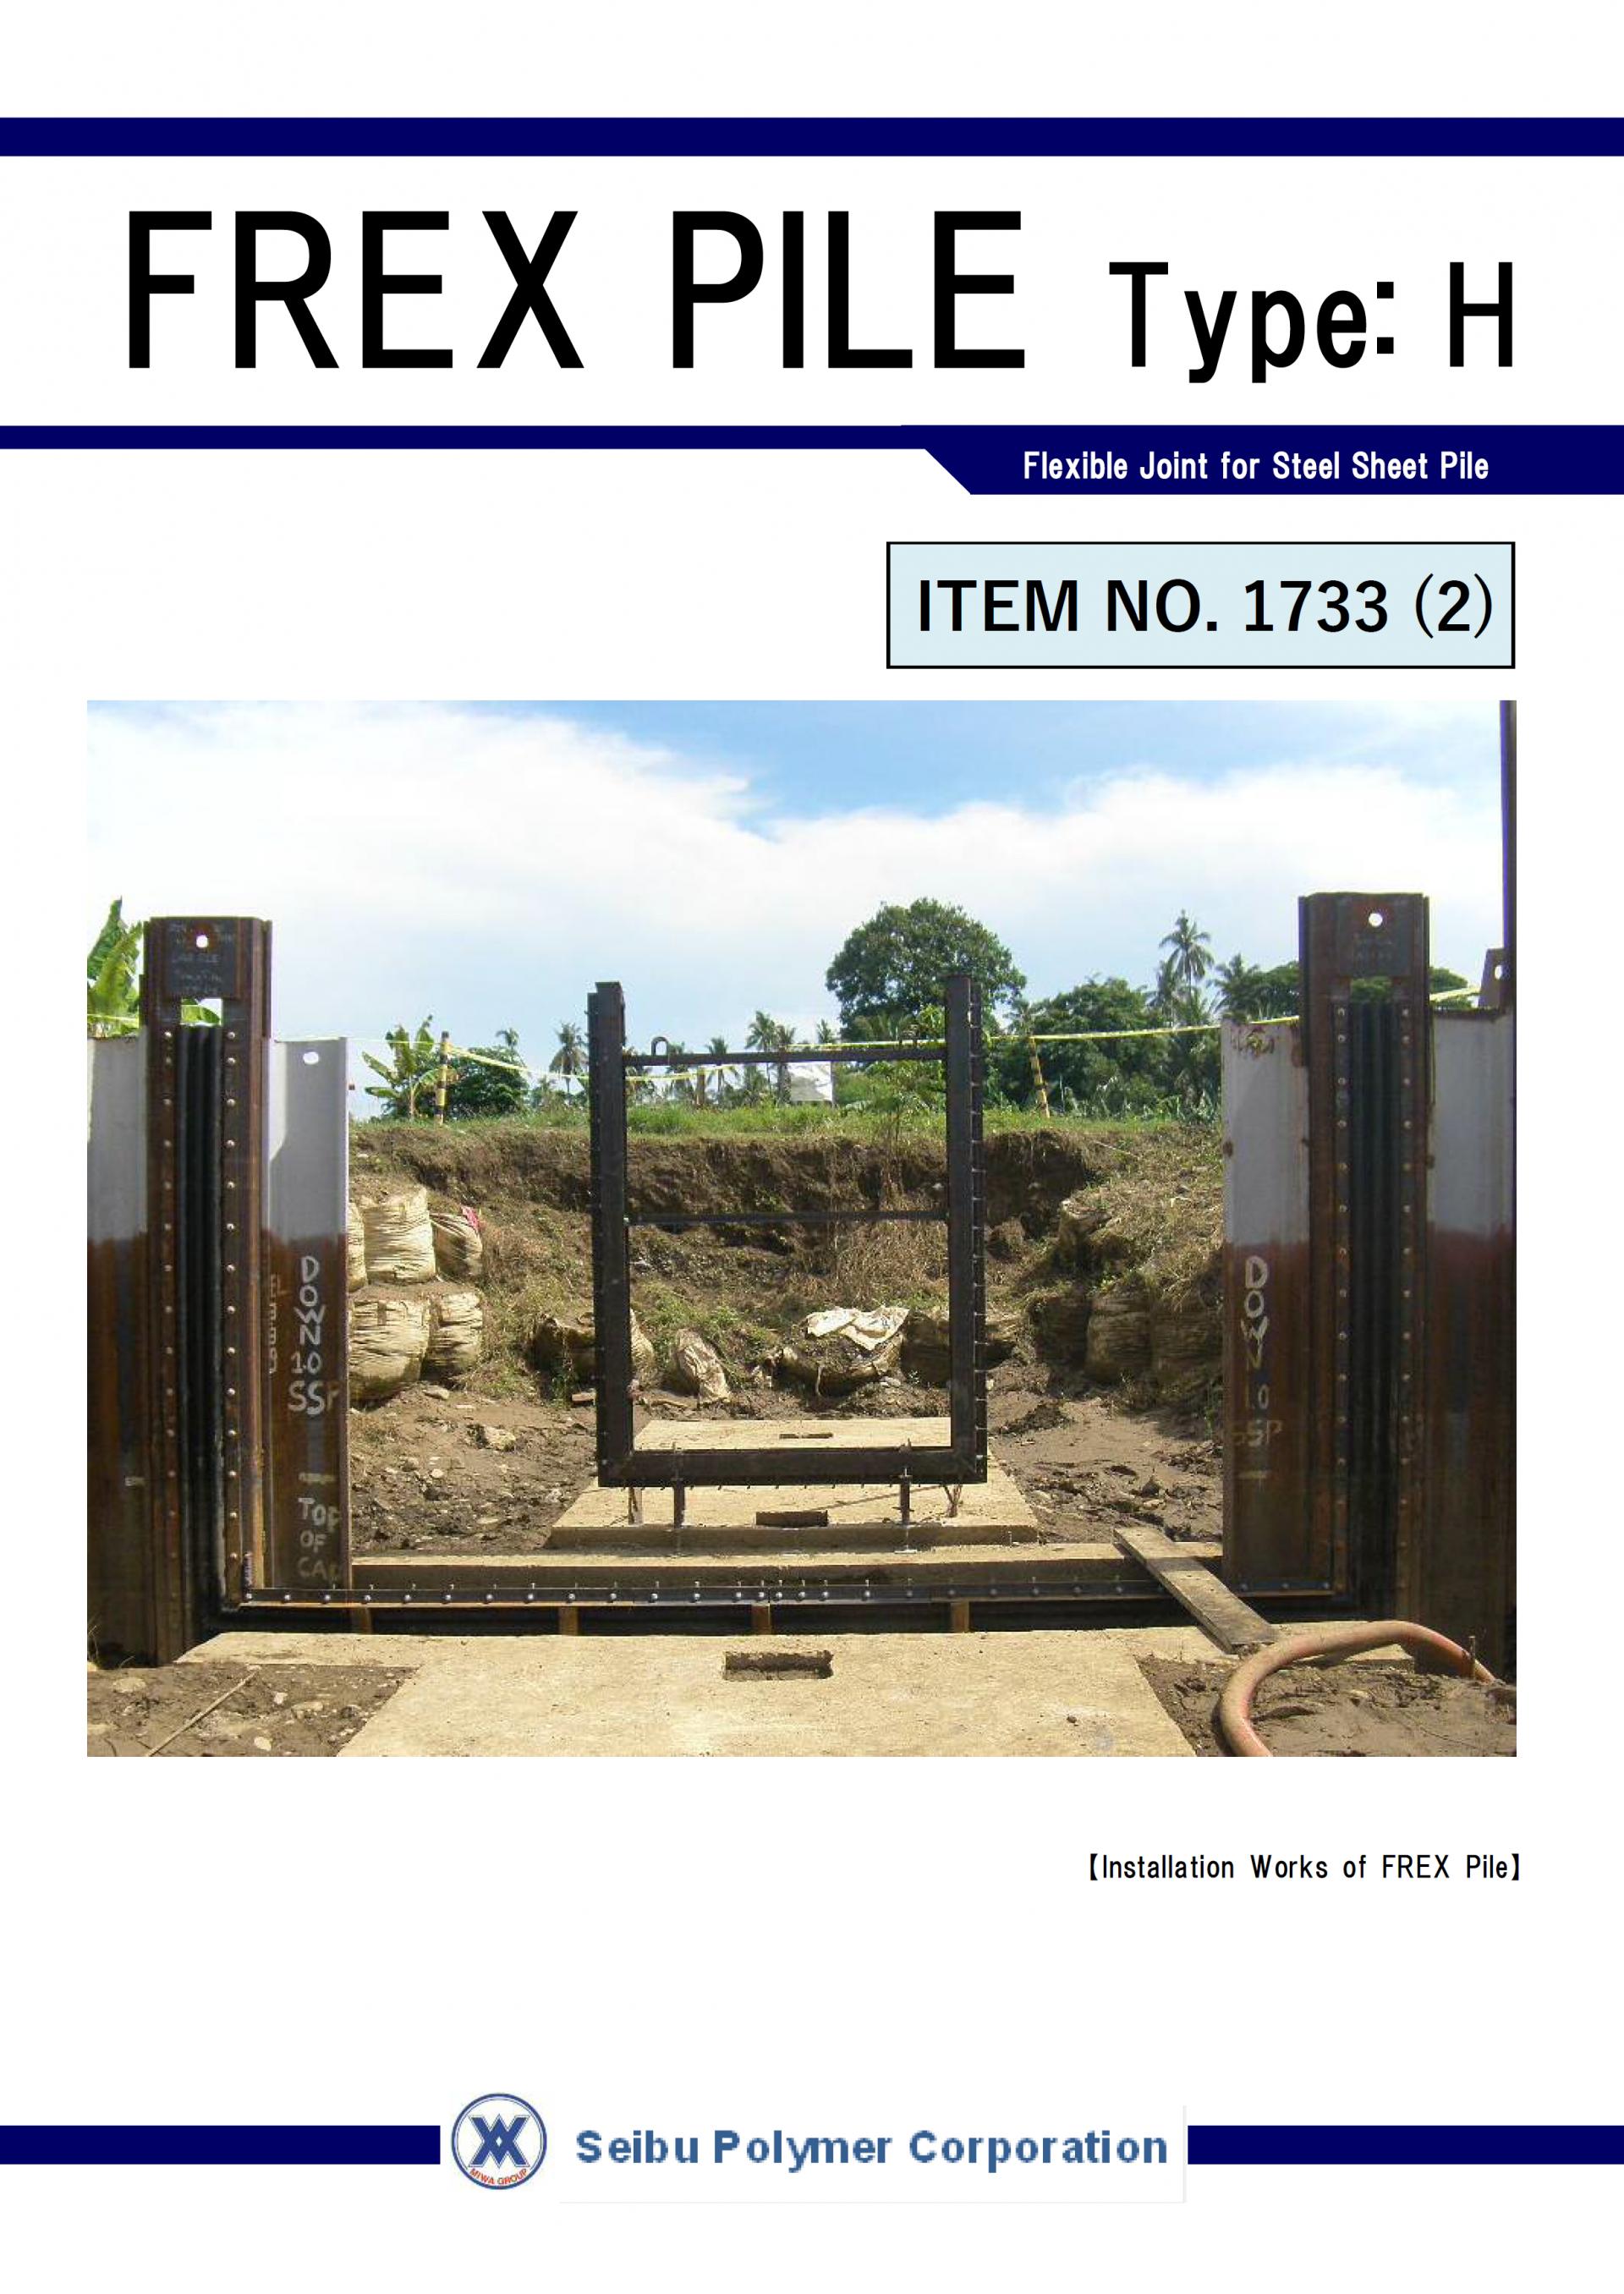 フレックスパイルFP-H型 英文カタログ表紙